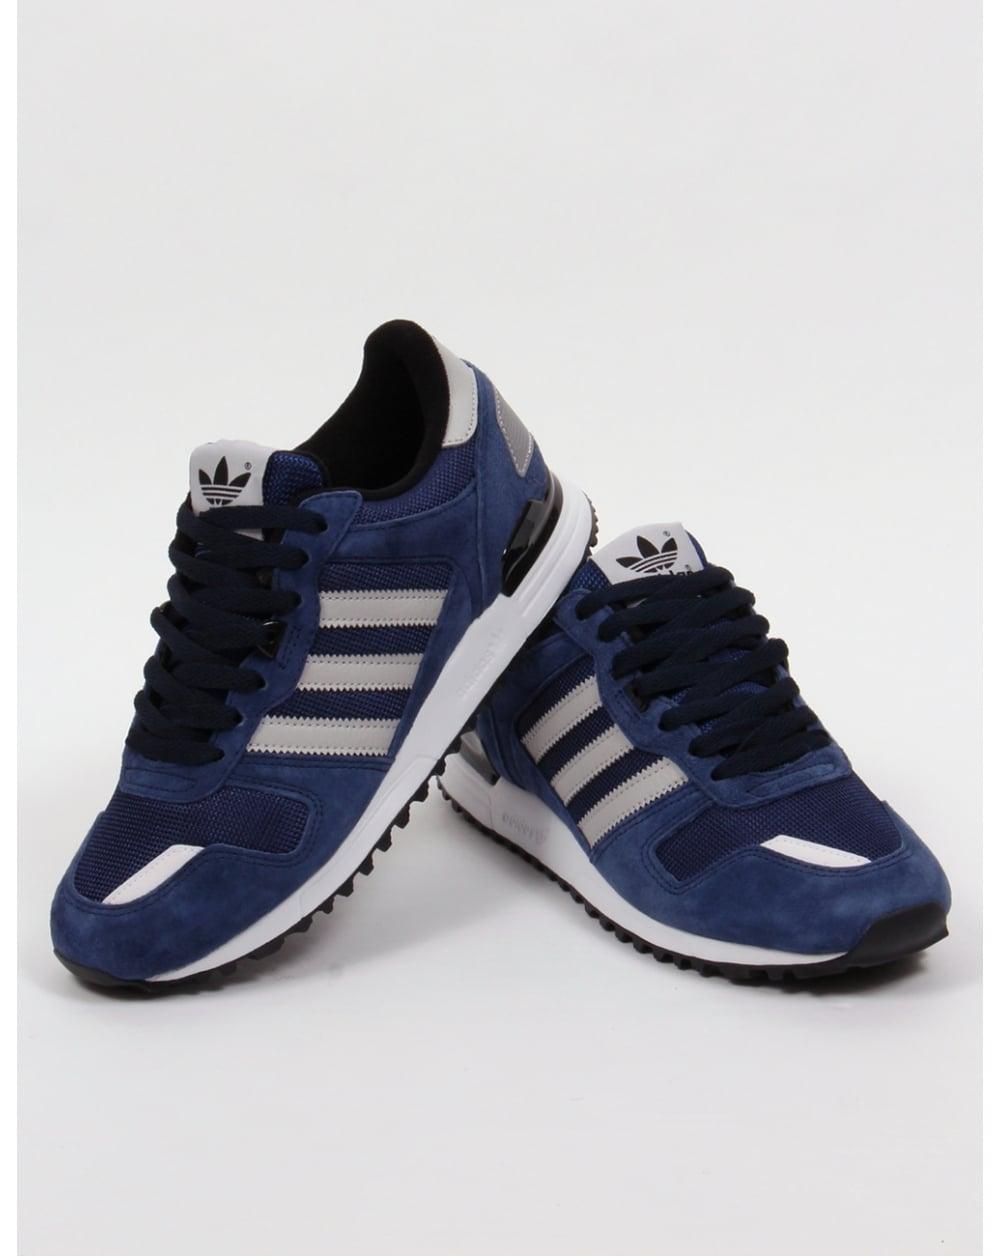 Originales Adidas Zx 700 Entrenadores Negro TWqLUE